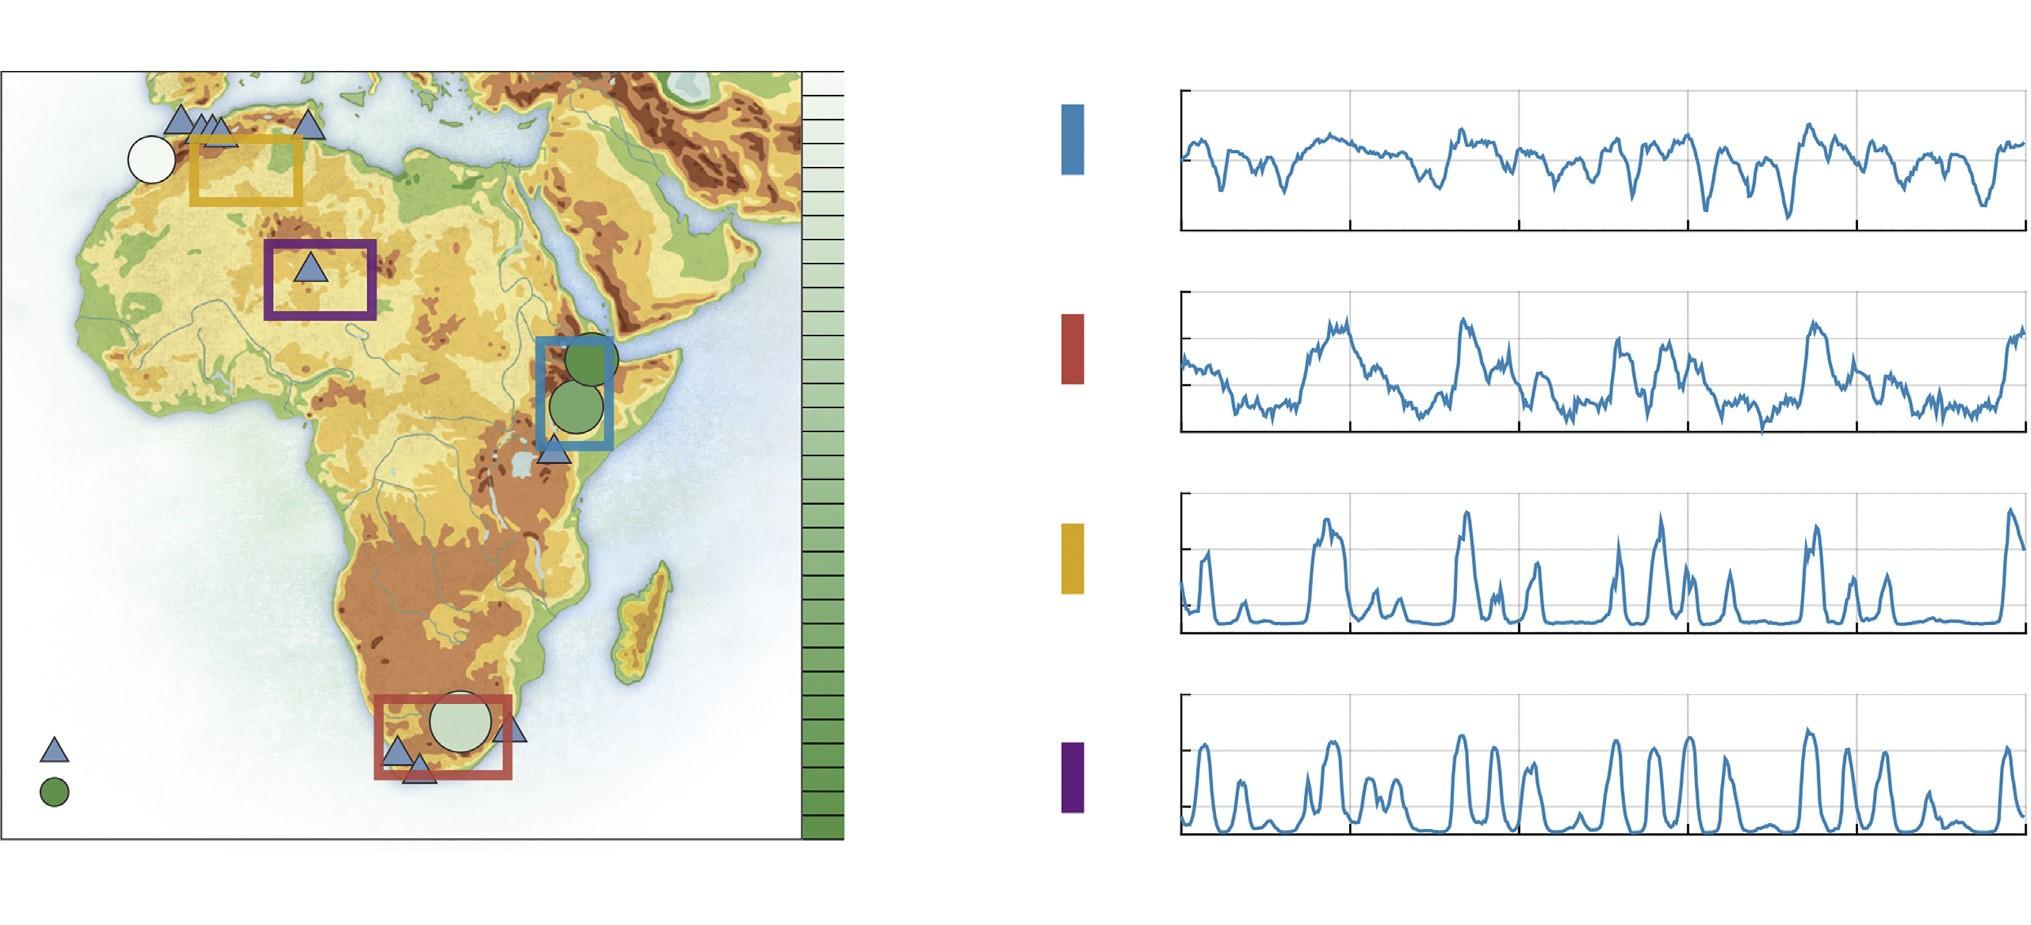 Слева— карта Африки сотмеченными ключевыми археологическими  ипалеонтологическими памятниками, обсуждаемыми встатье. Справа— изменения количества осадков вразных областях Африки за последние 500 тыс. лет